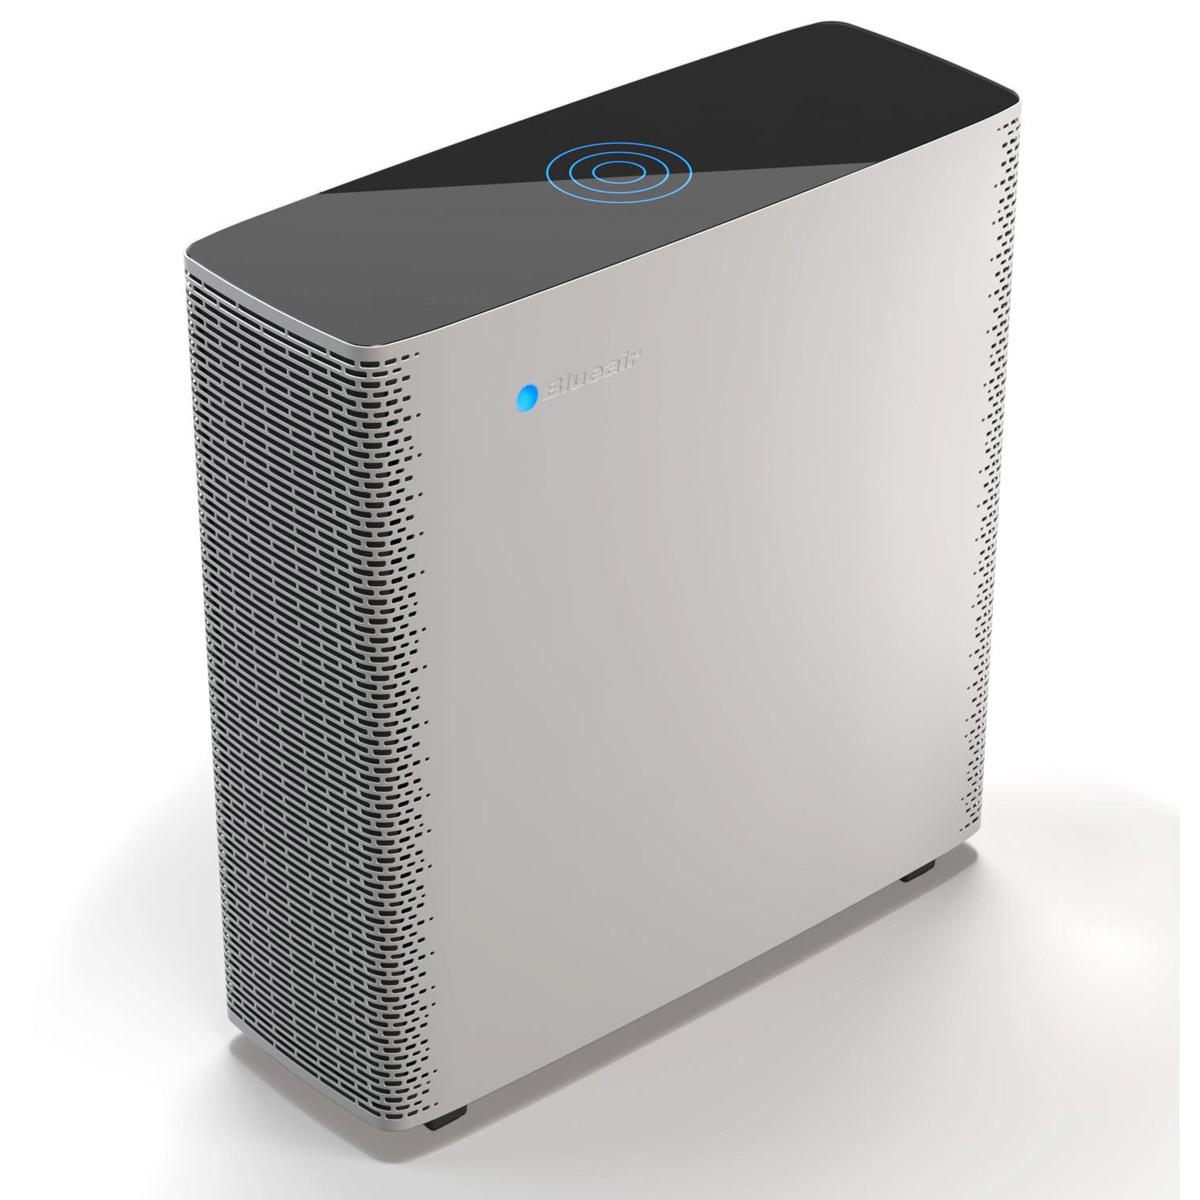 Blueair Sense Air Purifier - The Green Head